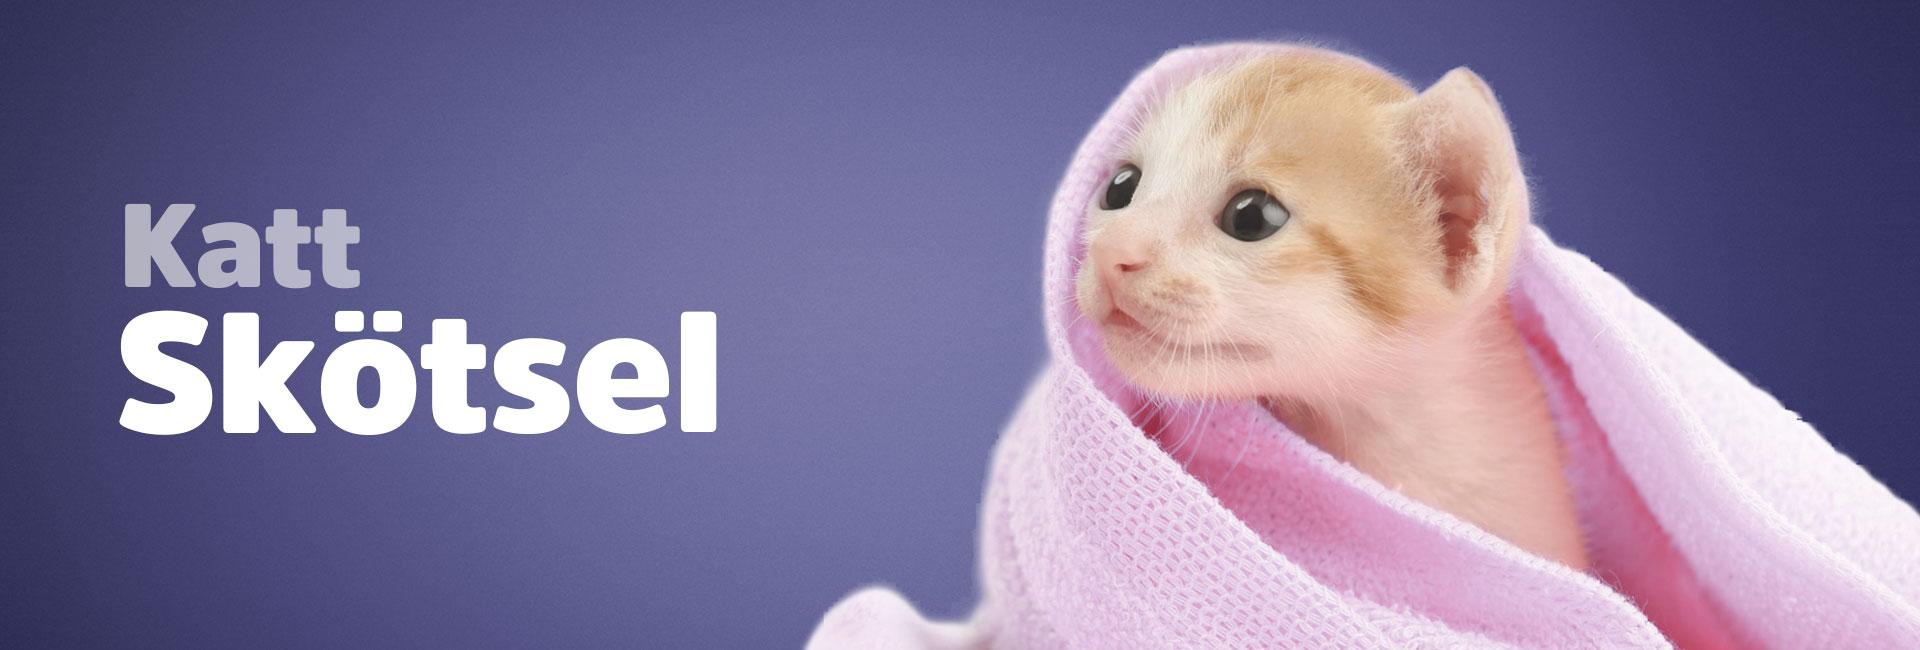 Kattskötsel